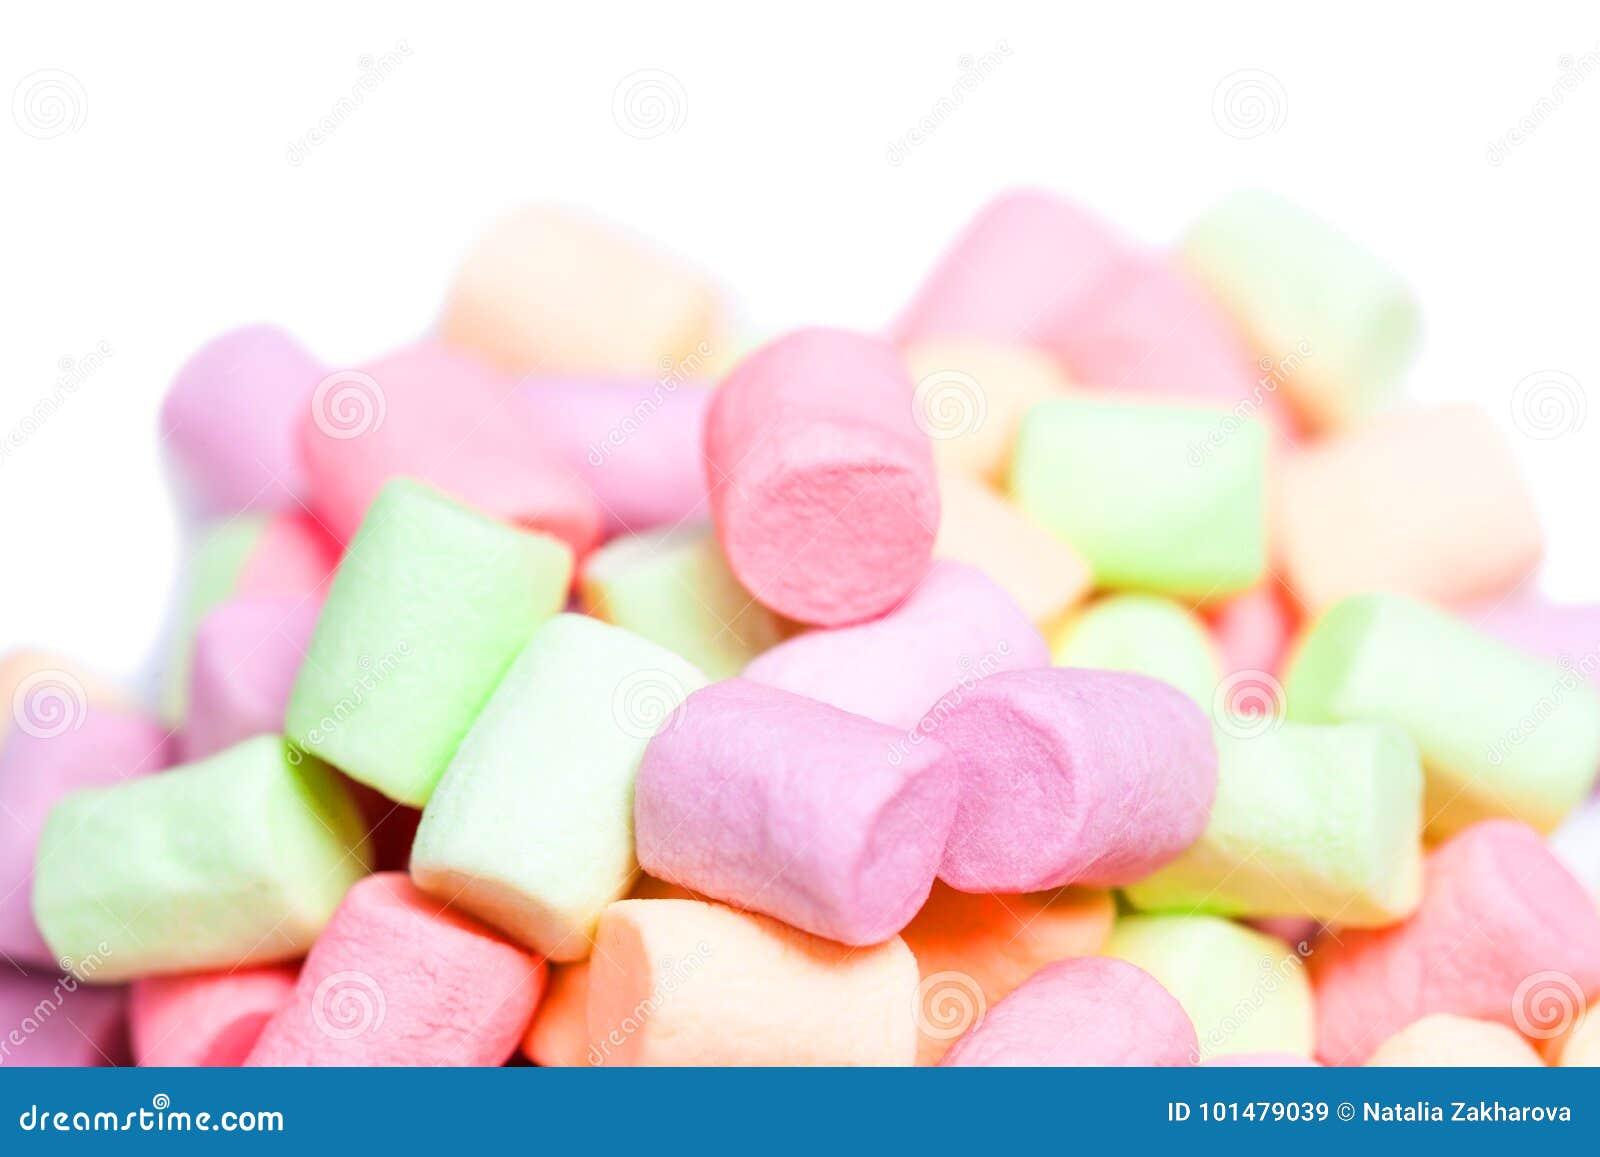 Caramella gommosa e molle bianca e rosa sopra isolato su fondo bianco hug